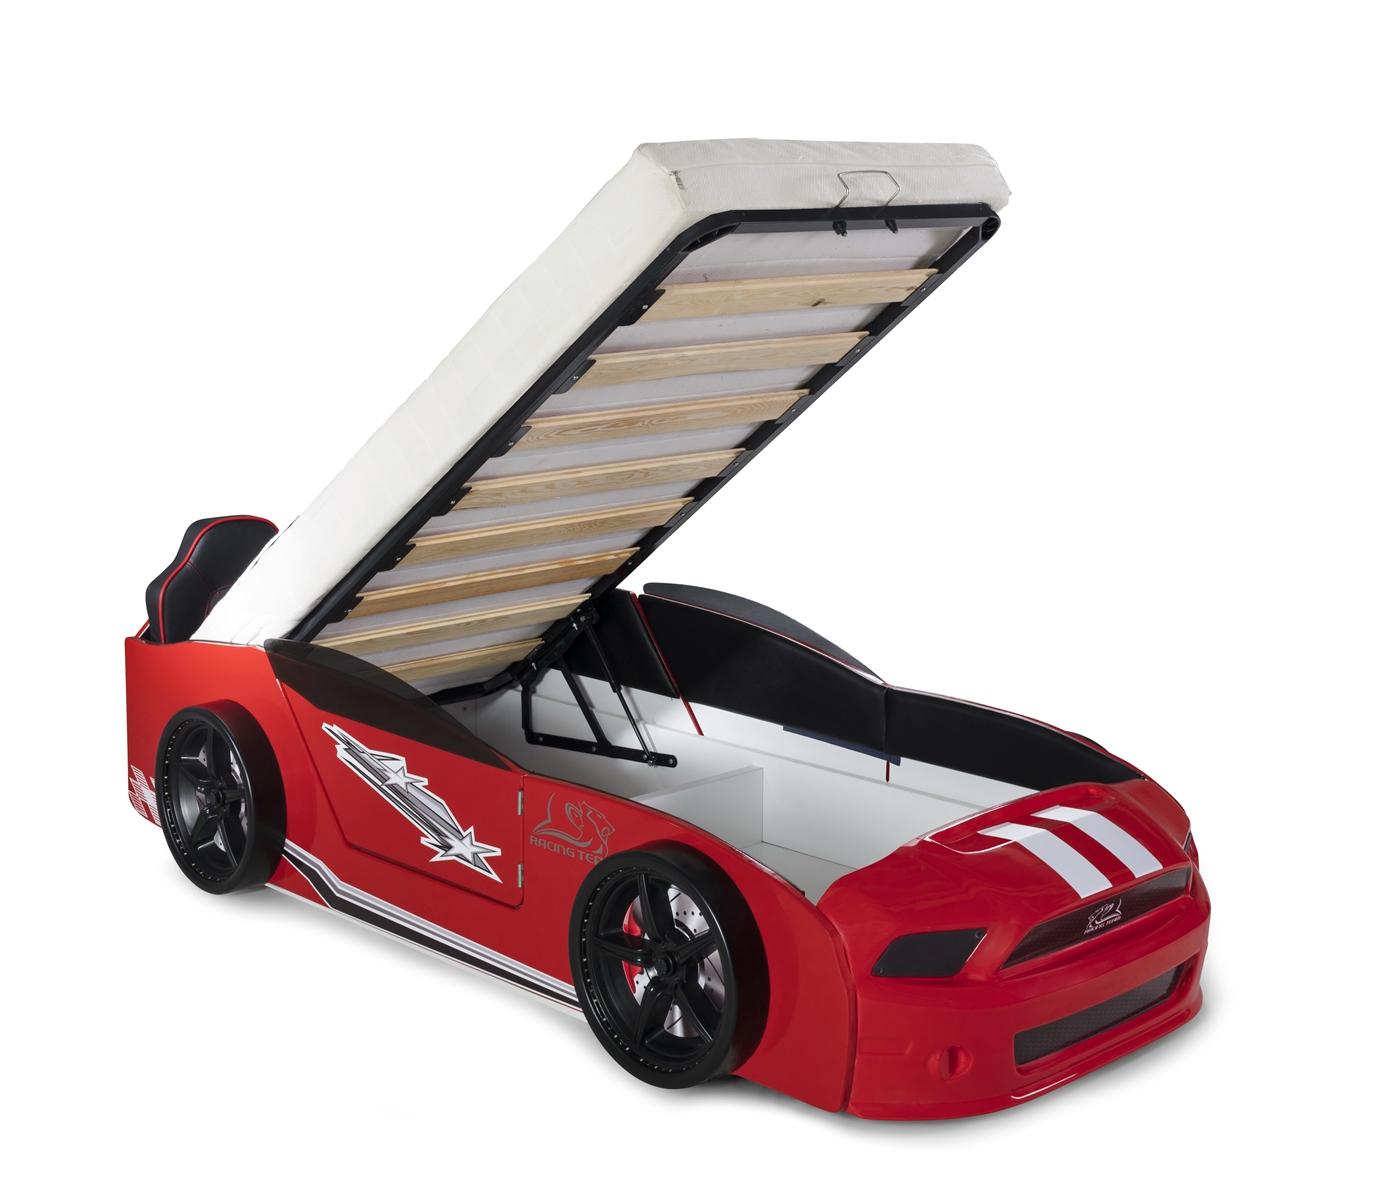 Autobett Must Rider 500 mit Türen in Rot